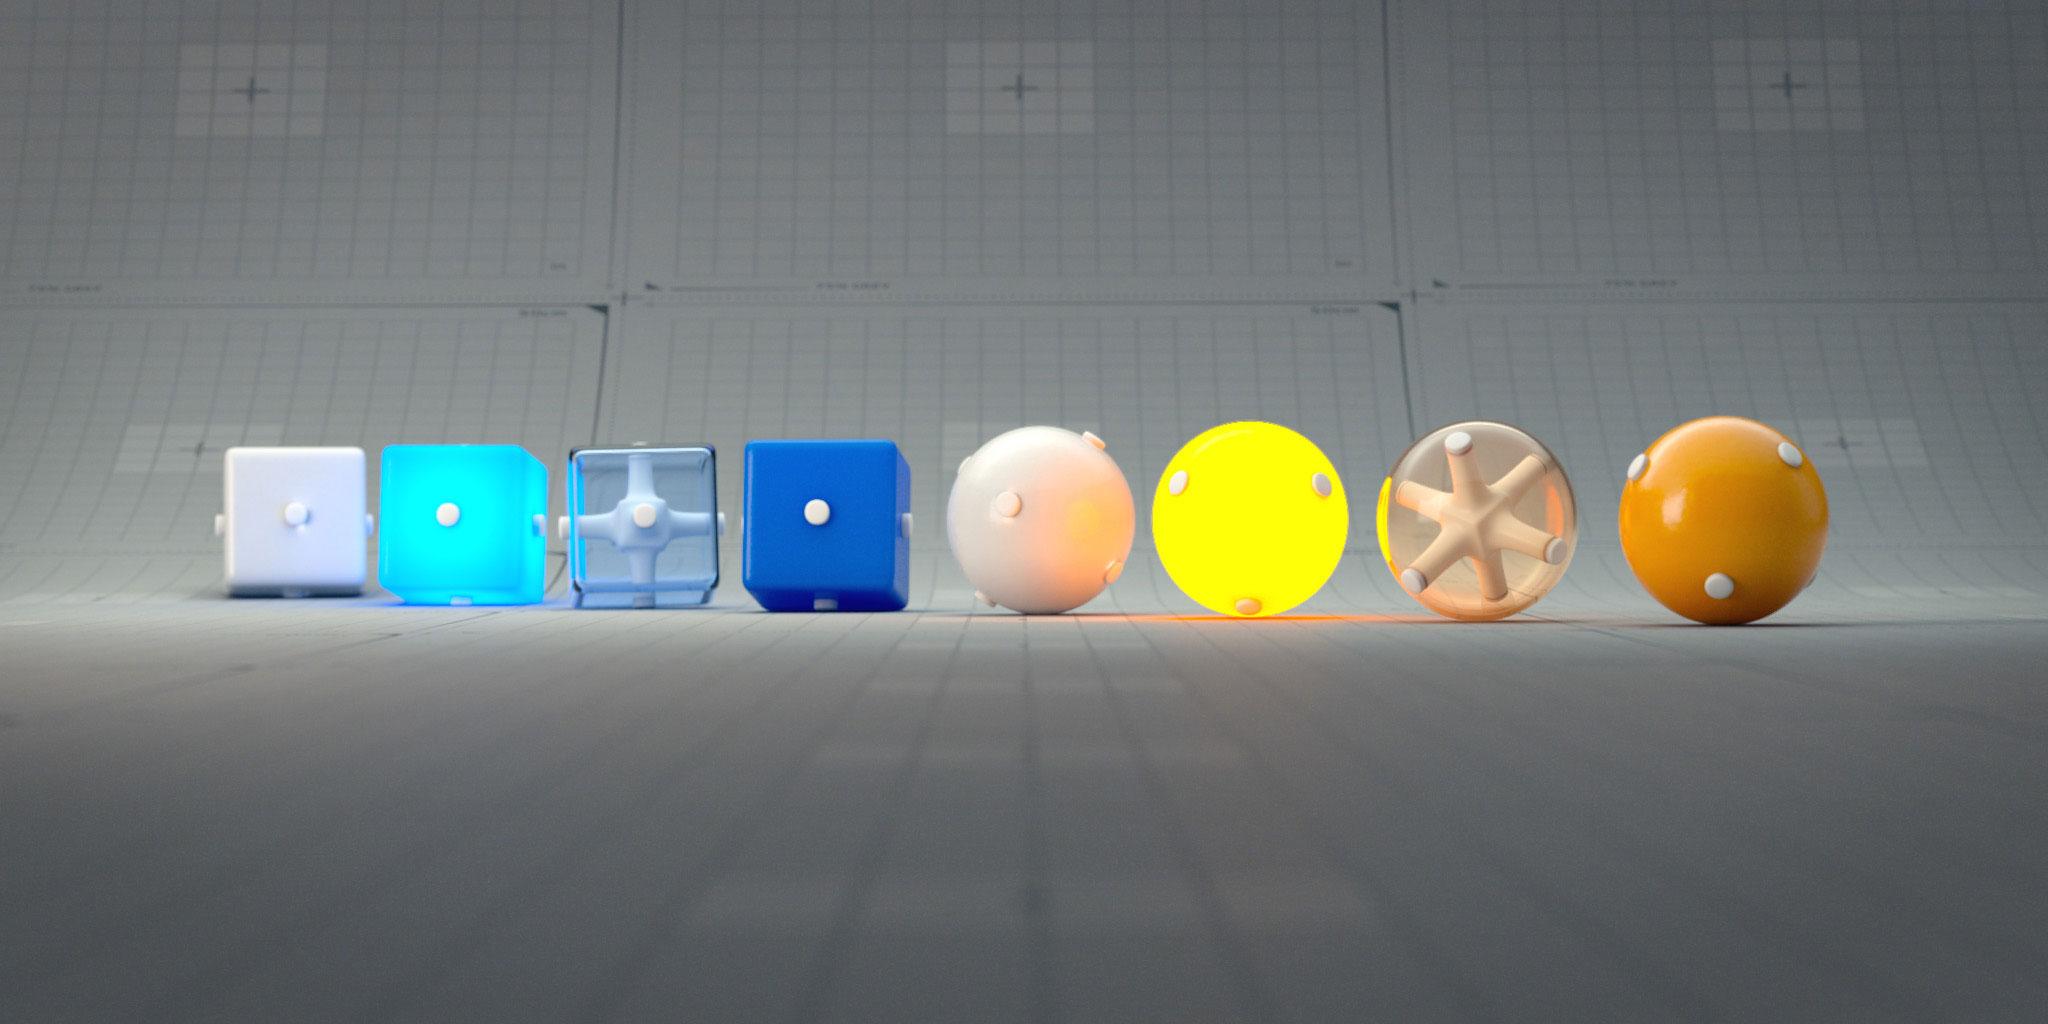 Choosing lenses for 3D renders